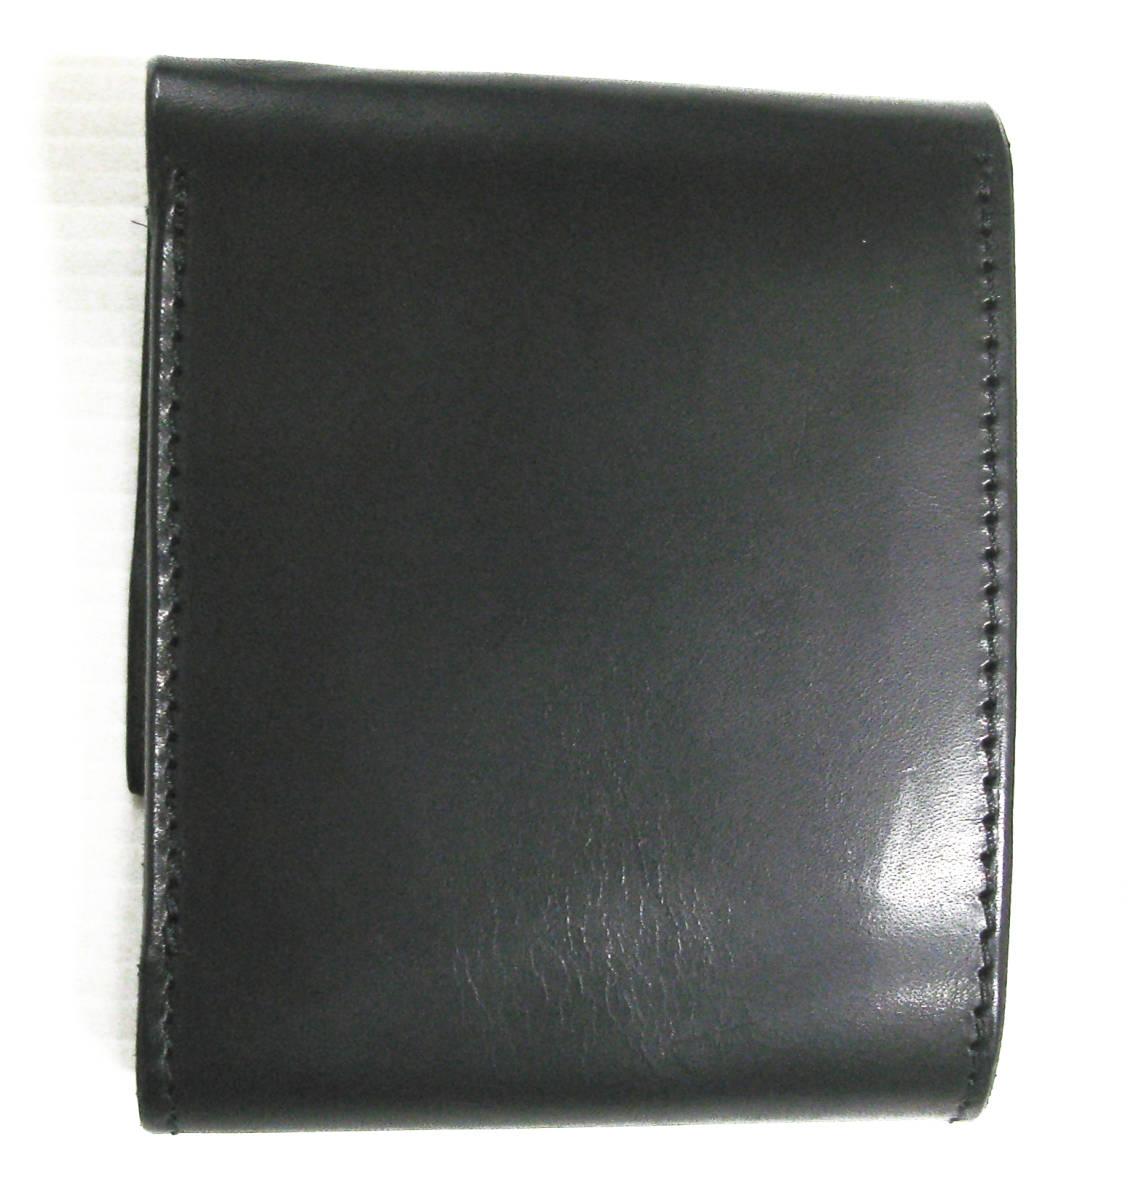 ワイズ:レザー ウォレット 財布 ( ヨウジ Yohji Yamamoto wallet 本革_画像4